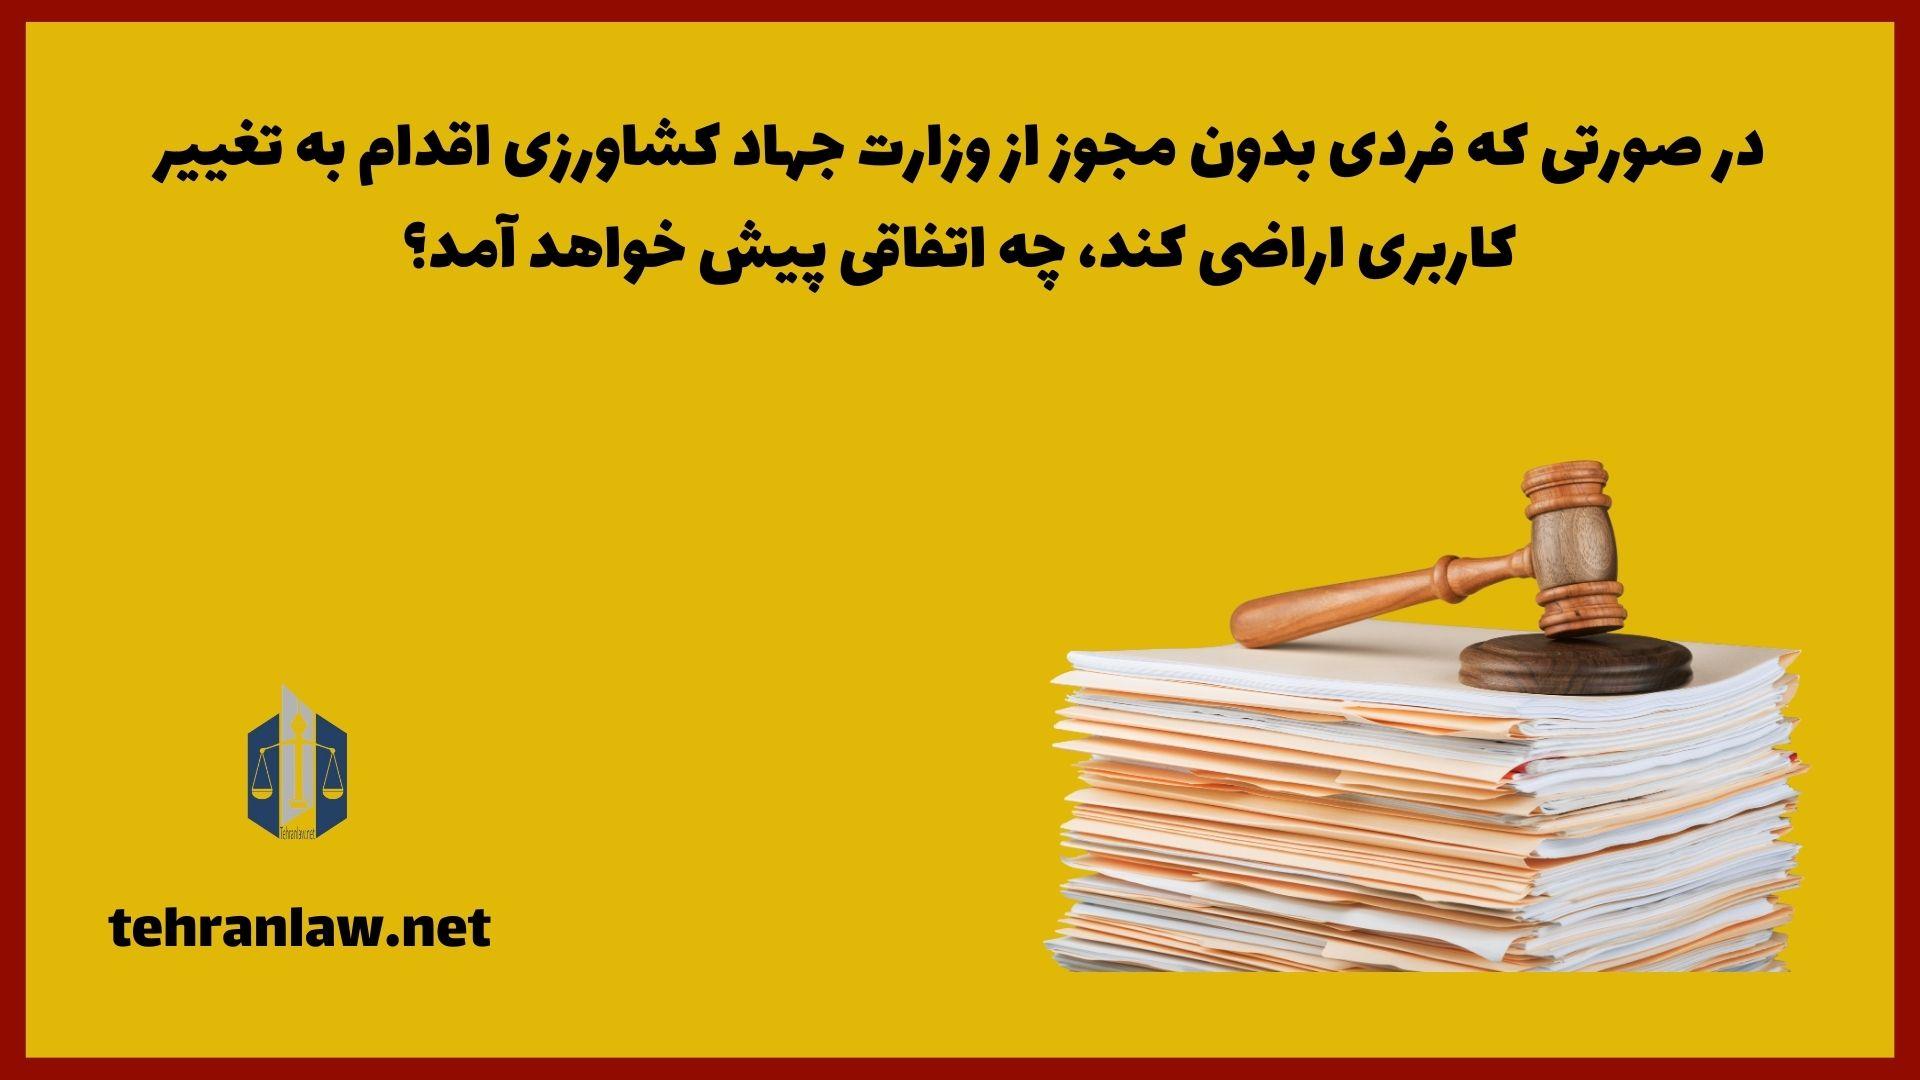 در صورتی که فردی بدون مجوز از وزارت جهاد کشاورزی اقدام به تغییر کاربری اراضی کند، چه اتفاقی پیش خواهد آمد؟